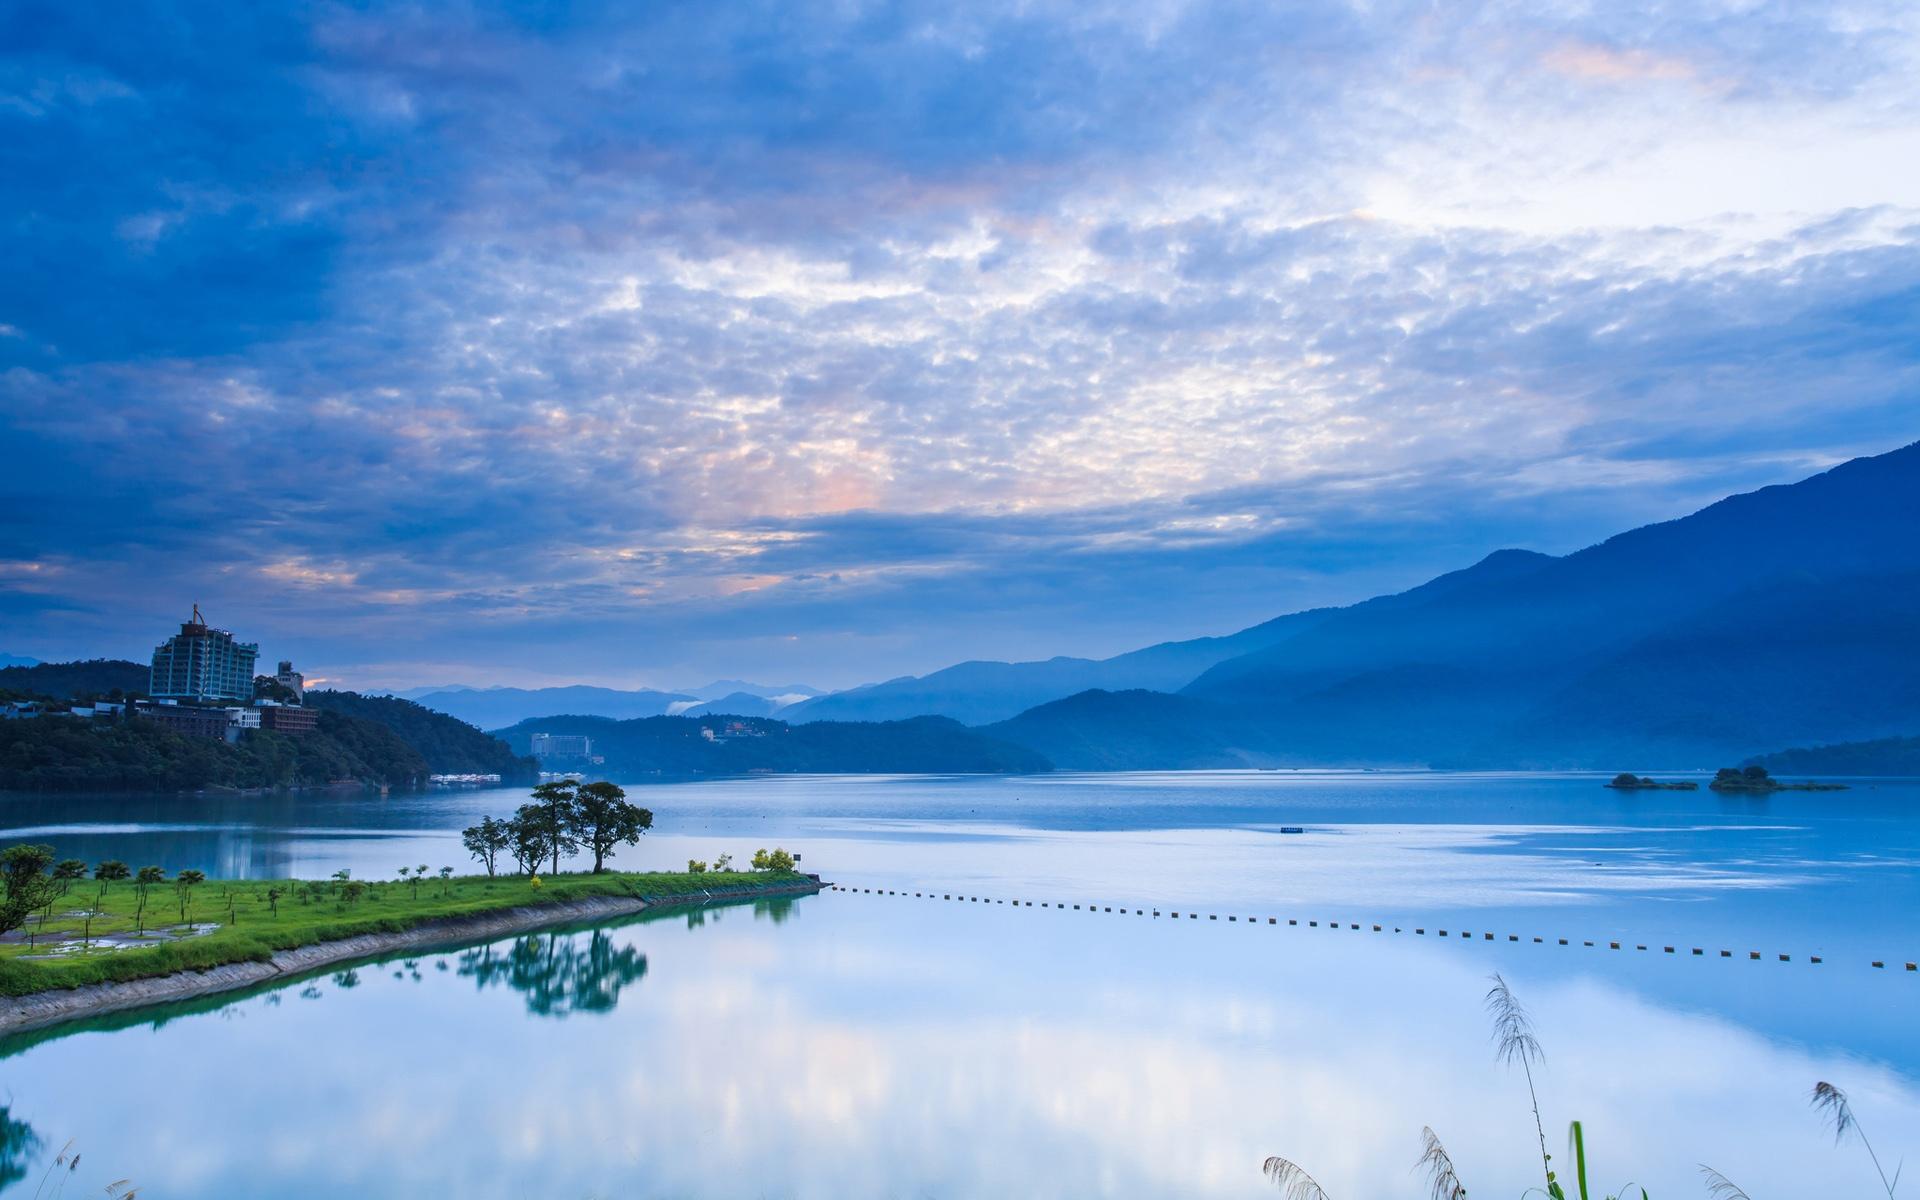 대만 난 터우, 아침 일출, 산, 푸른 하늘, 호수 반사 배경 화면 | 여행 ...